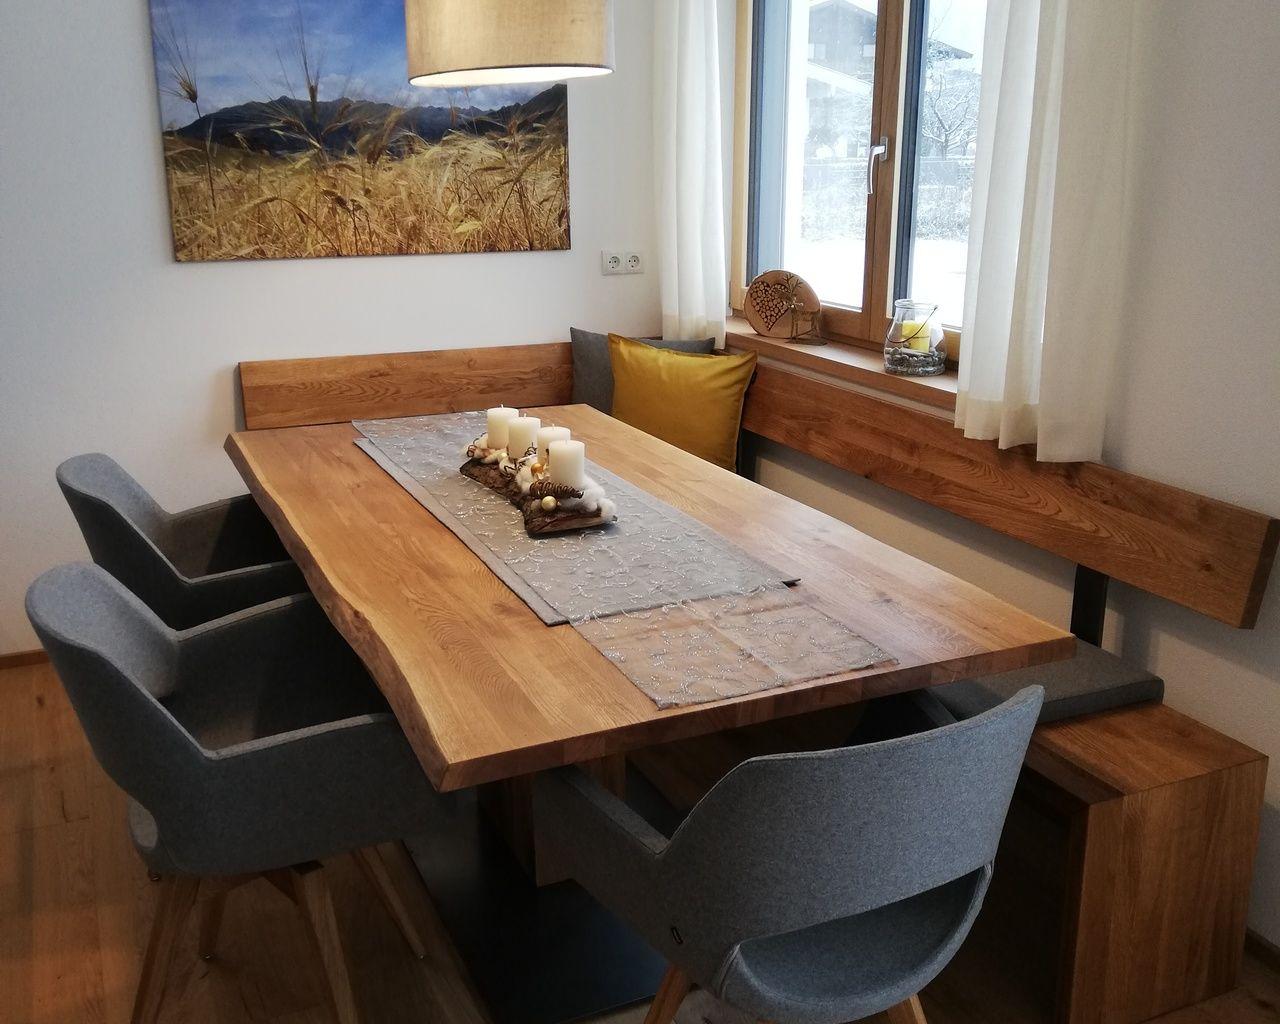 Esstisch mit Baumkante, Eckbank und Polsterstühlen von masstisch